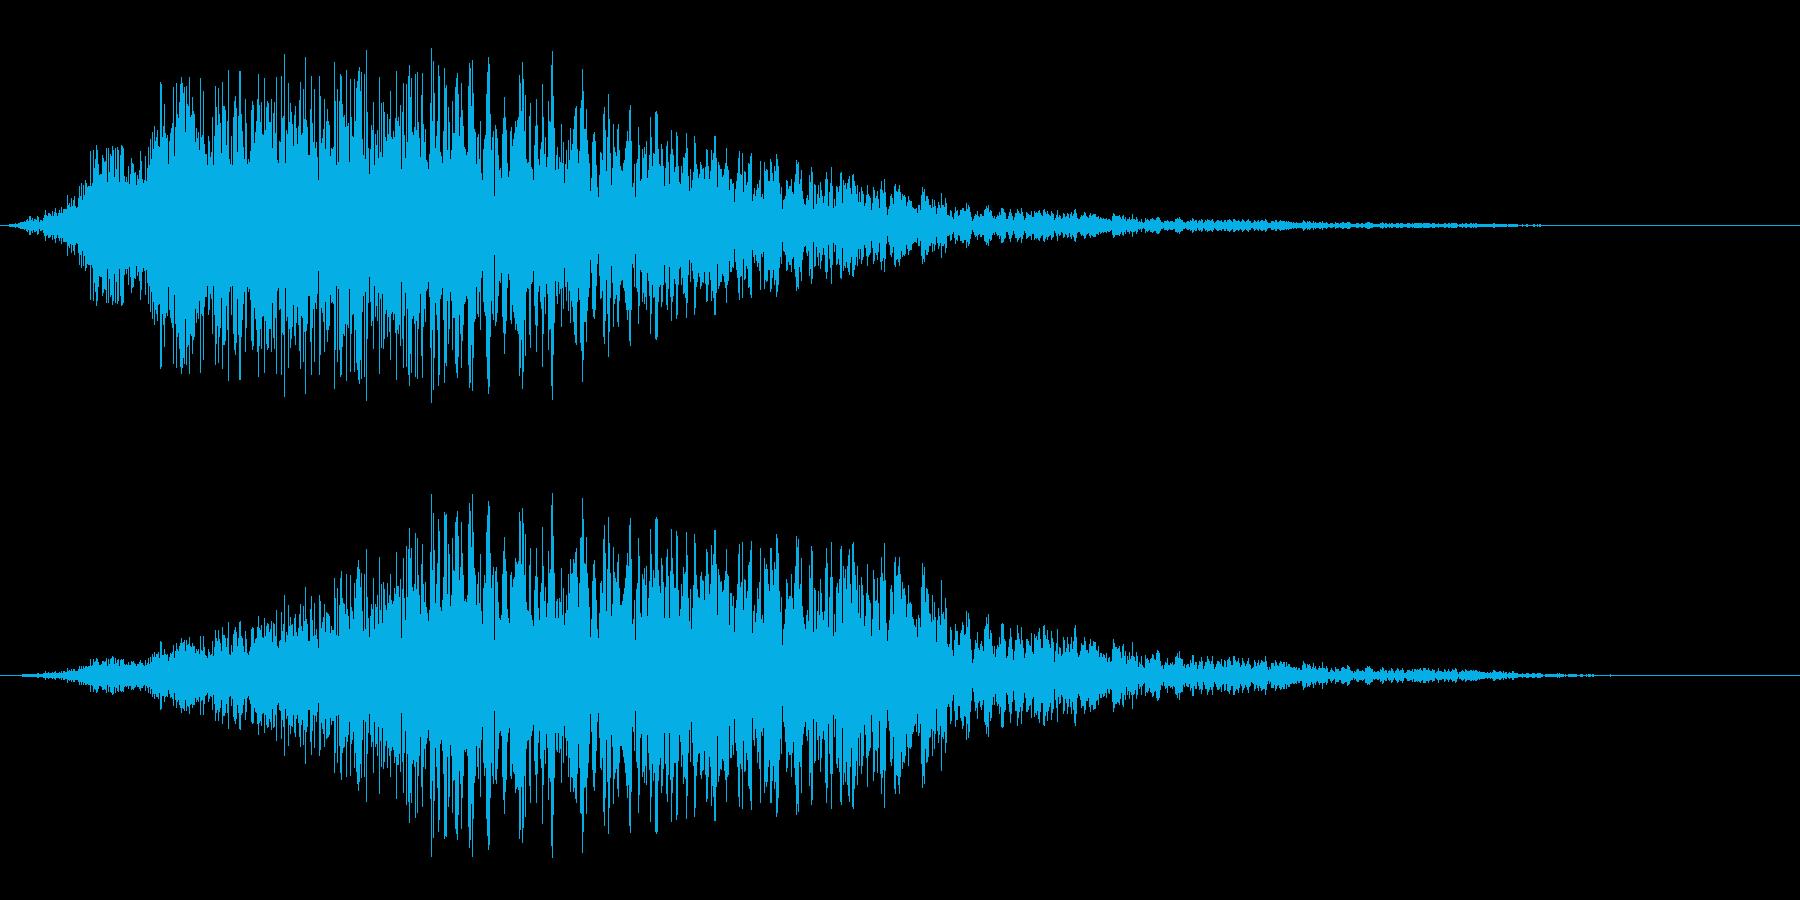 超高速で駆け抜ける音の再生済みの波形